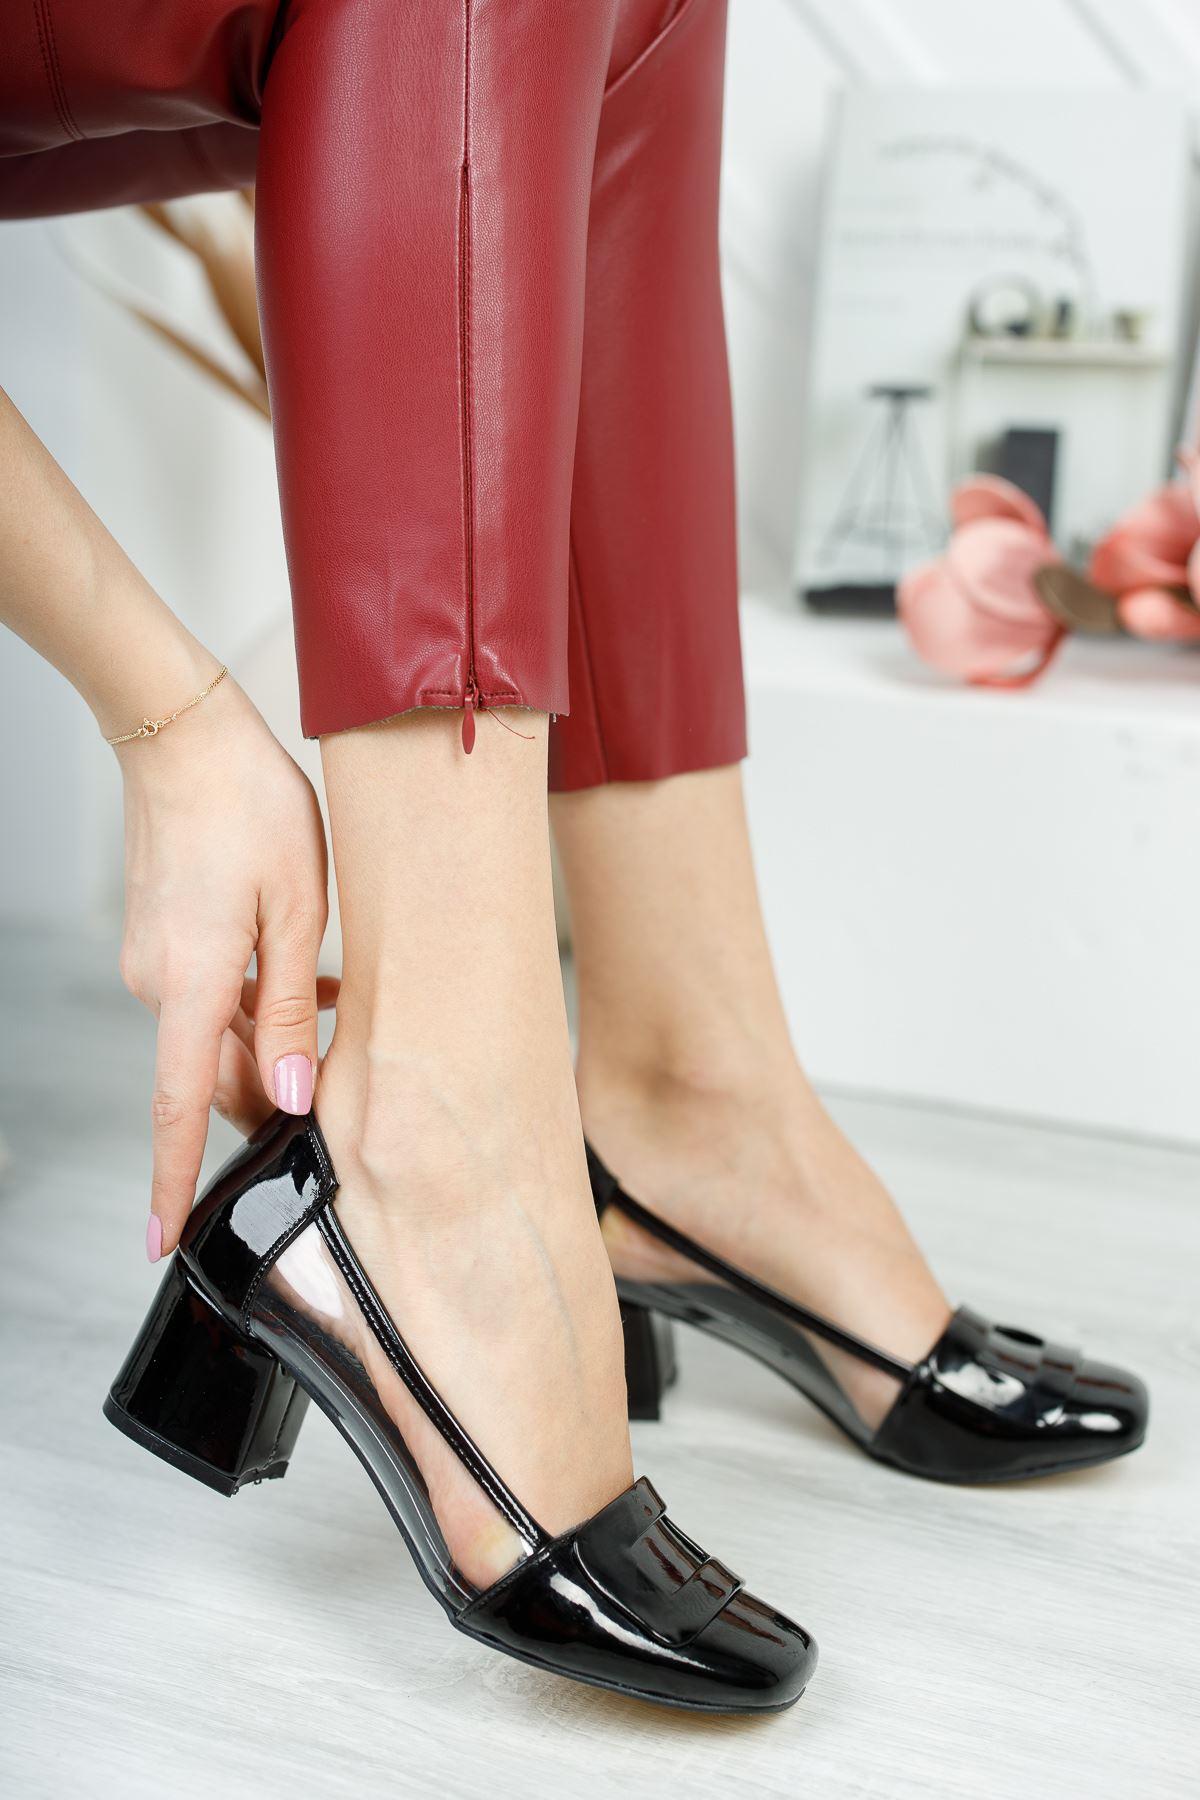 Rindek Lüks Siyah Rugan Şeffaf Detay Yüksek Topuk Kadın Ayakkabı